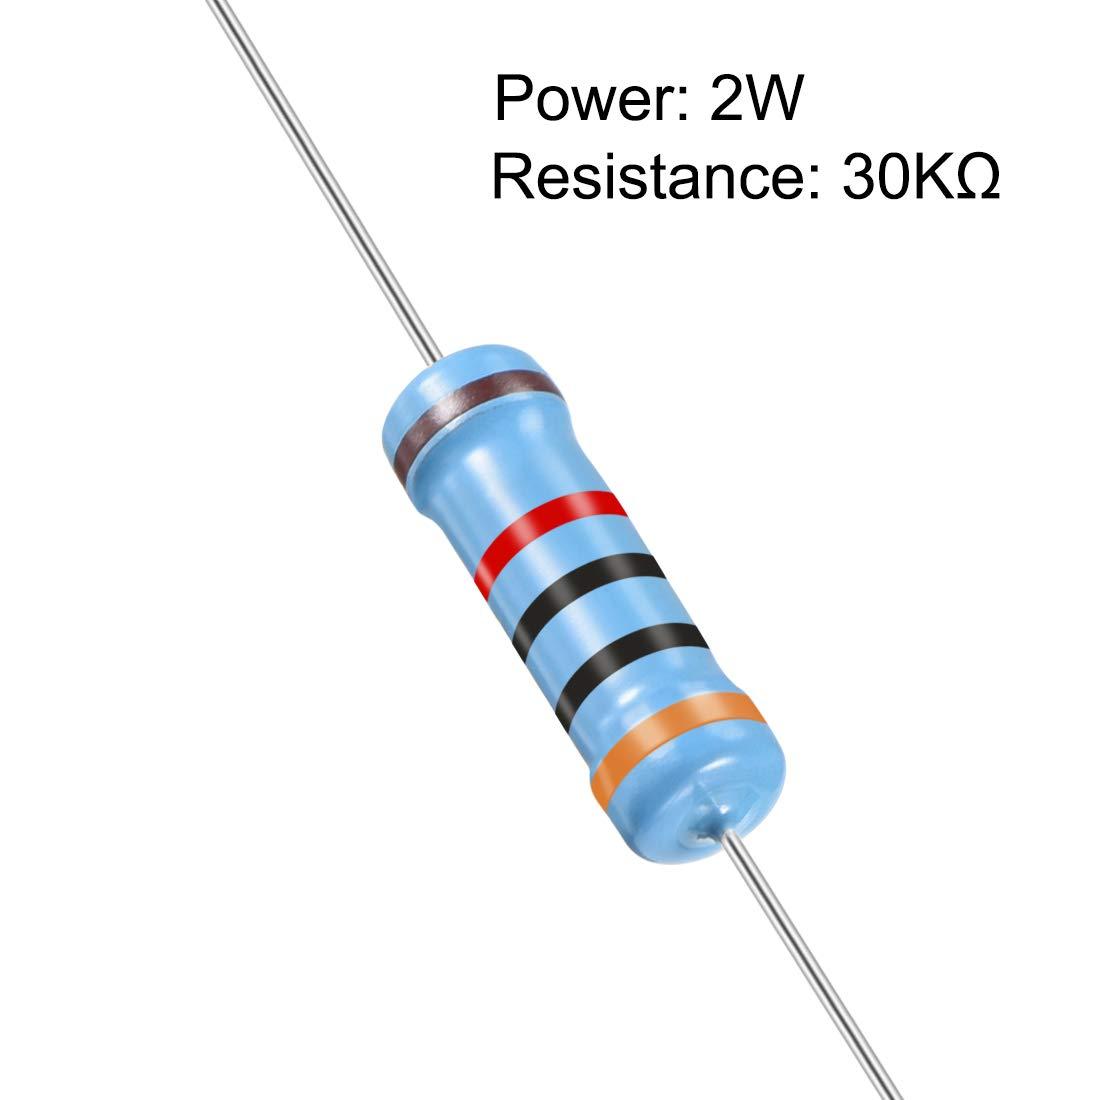 Metallschichtwiderst/ände Sourcing Map 30 St/ück 30 K Ohm Widerstand 5 B/änder f/ür DIY-Projekte und Experimente axiales Kabel 2 W 1/% Toleranz